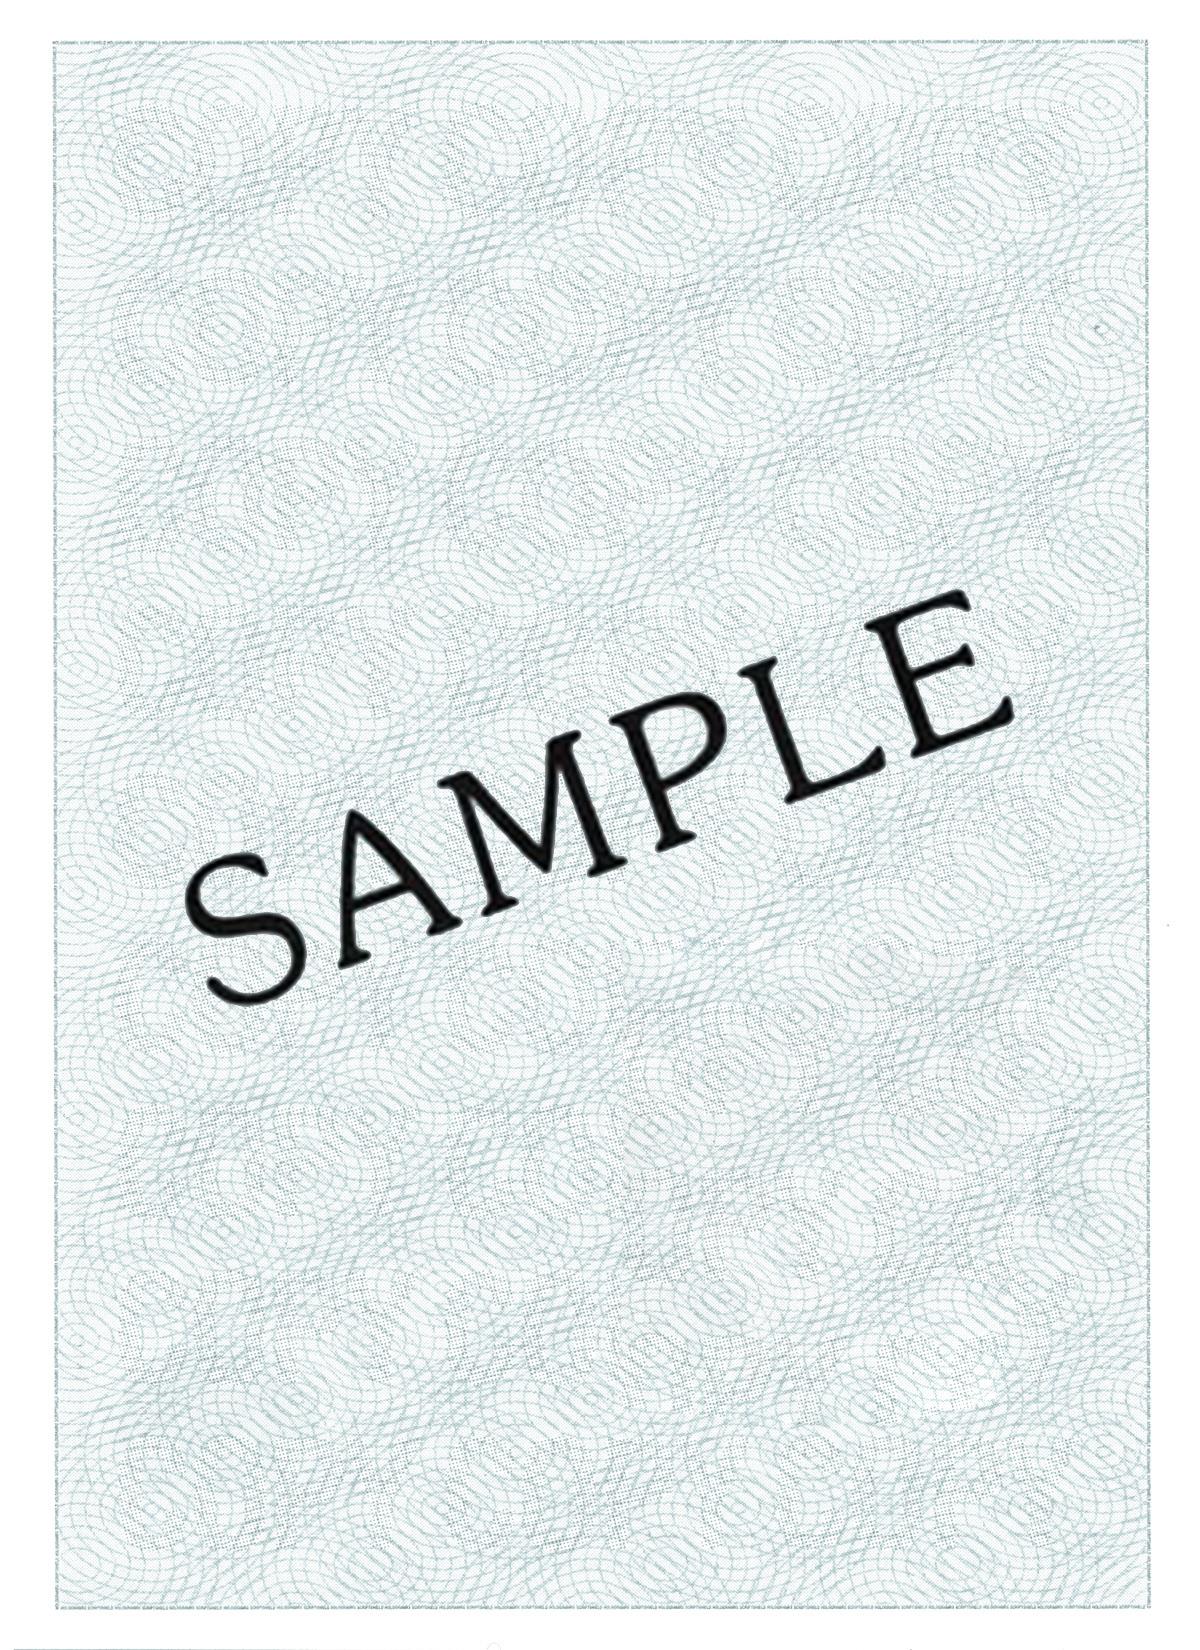 4. Missouri Rx Paper